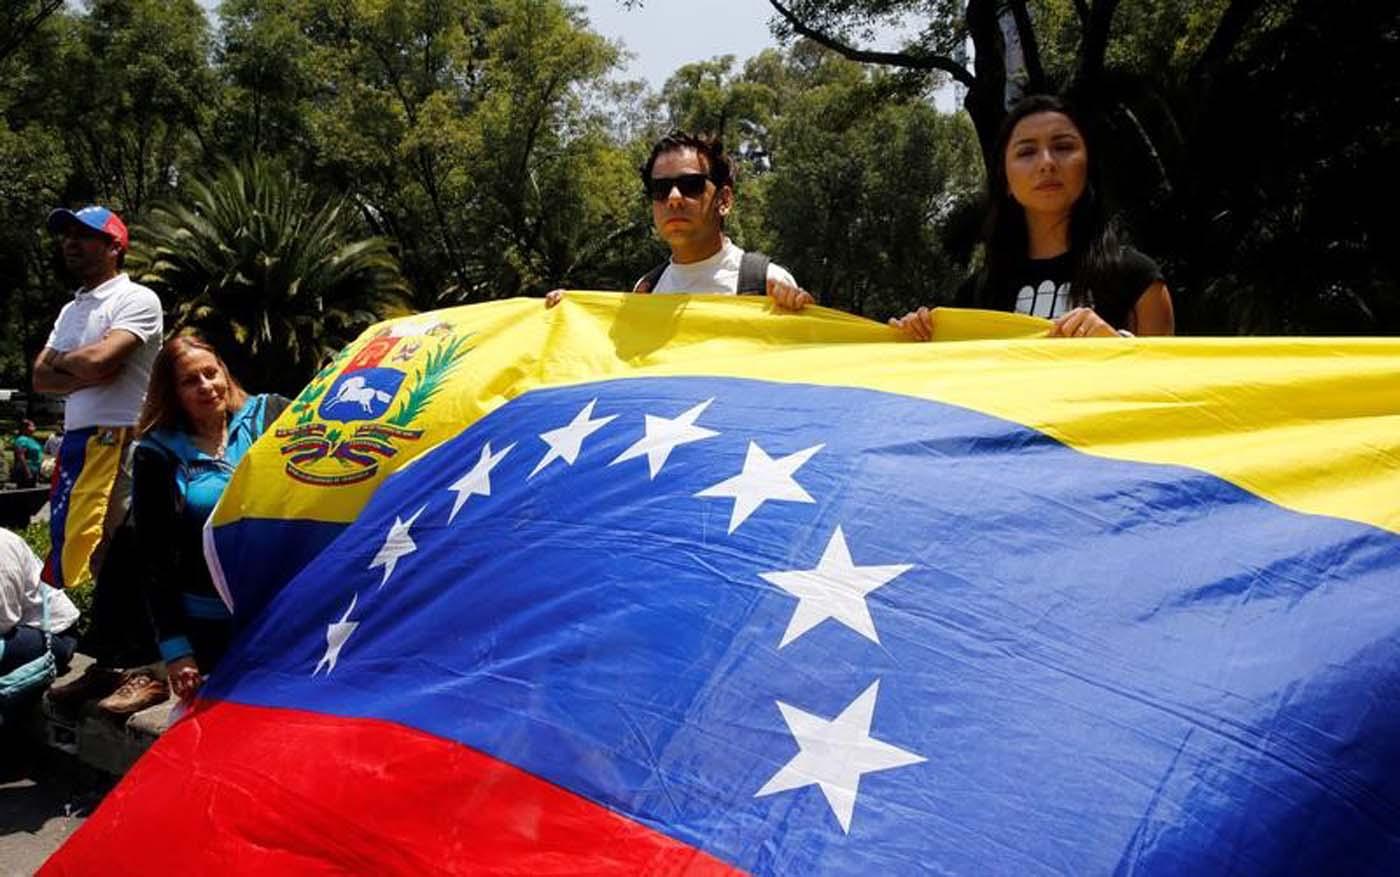 Foto de archivo. Bandera venezolana durante una protesta celebrada por venezolanos en México contra las elecciones de la Asamblea Constituyente de Venezuela. 30 julio 2017. REUTERS/Henry Romero - RTS19S04